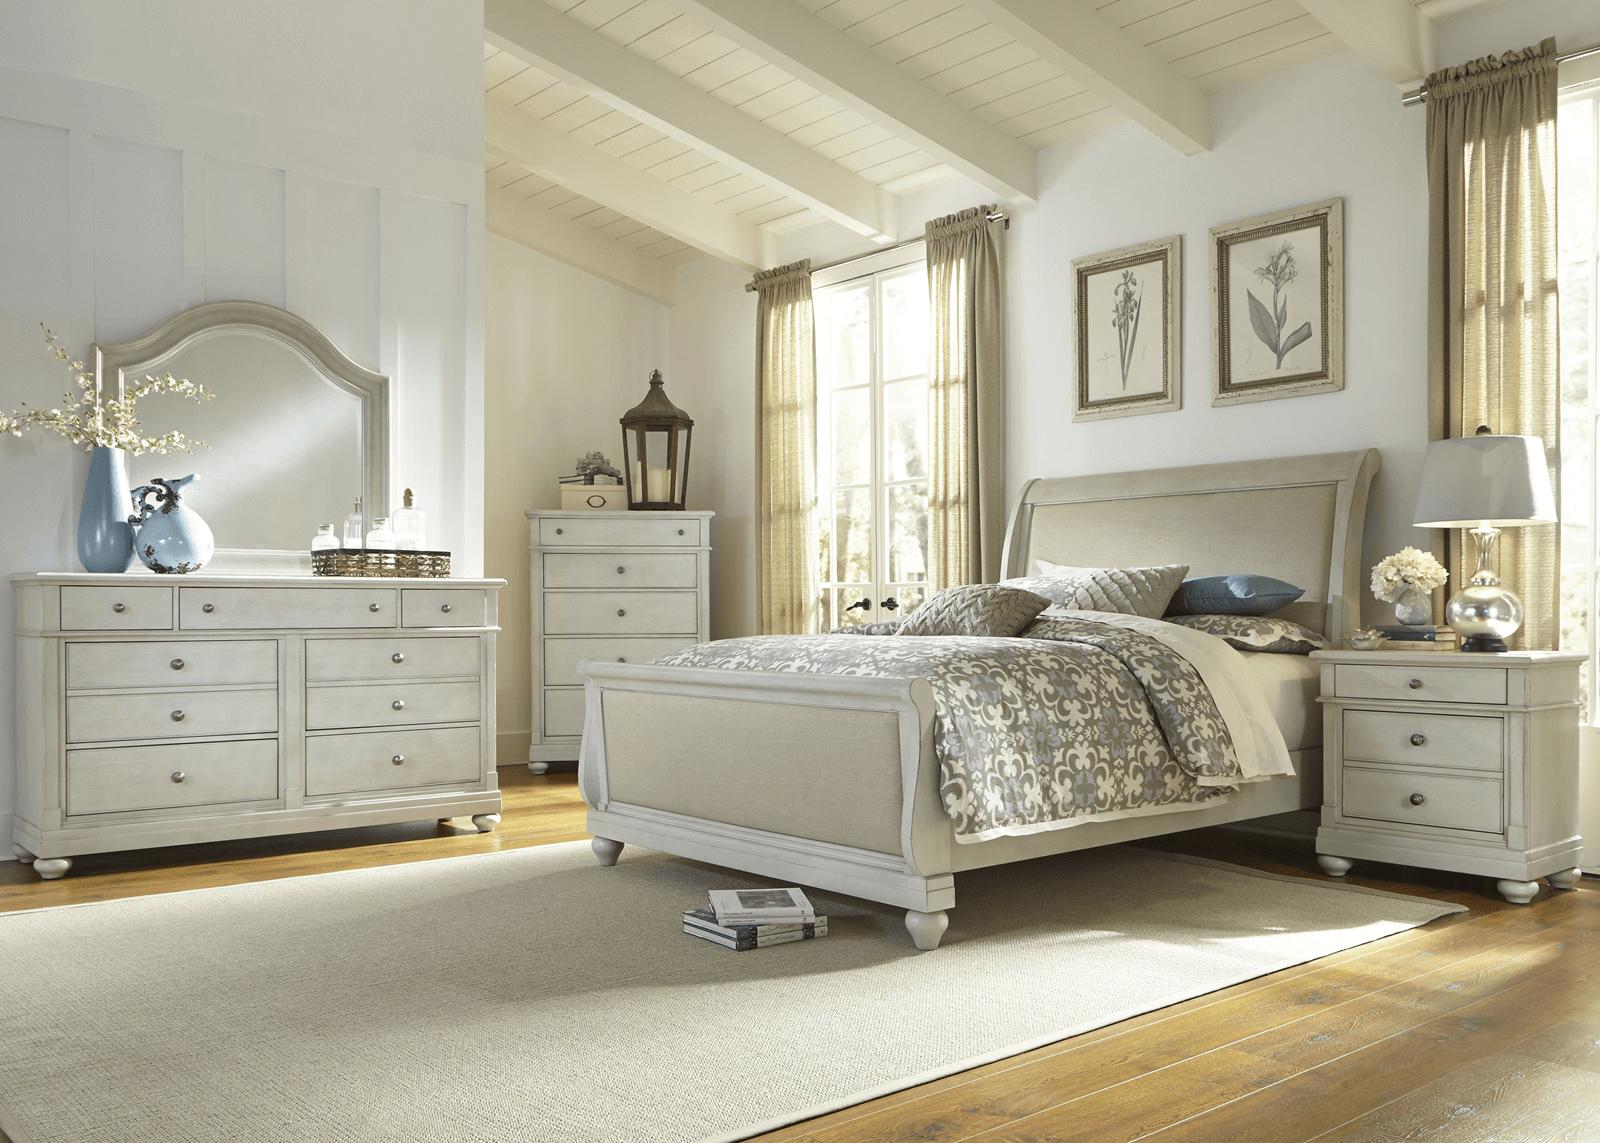 Liberty bedroom furniture sets bedroom pinterest bedroom